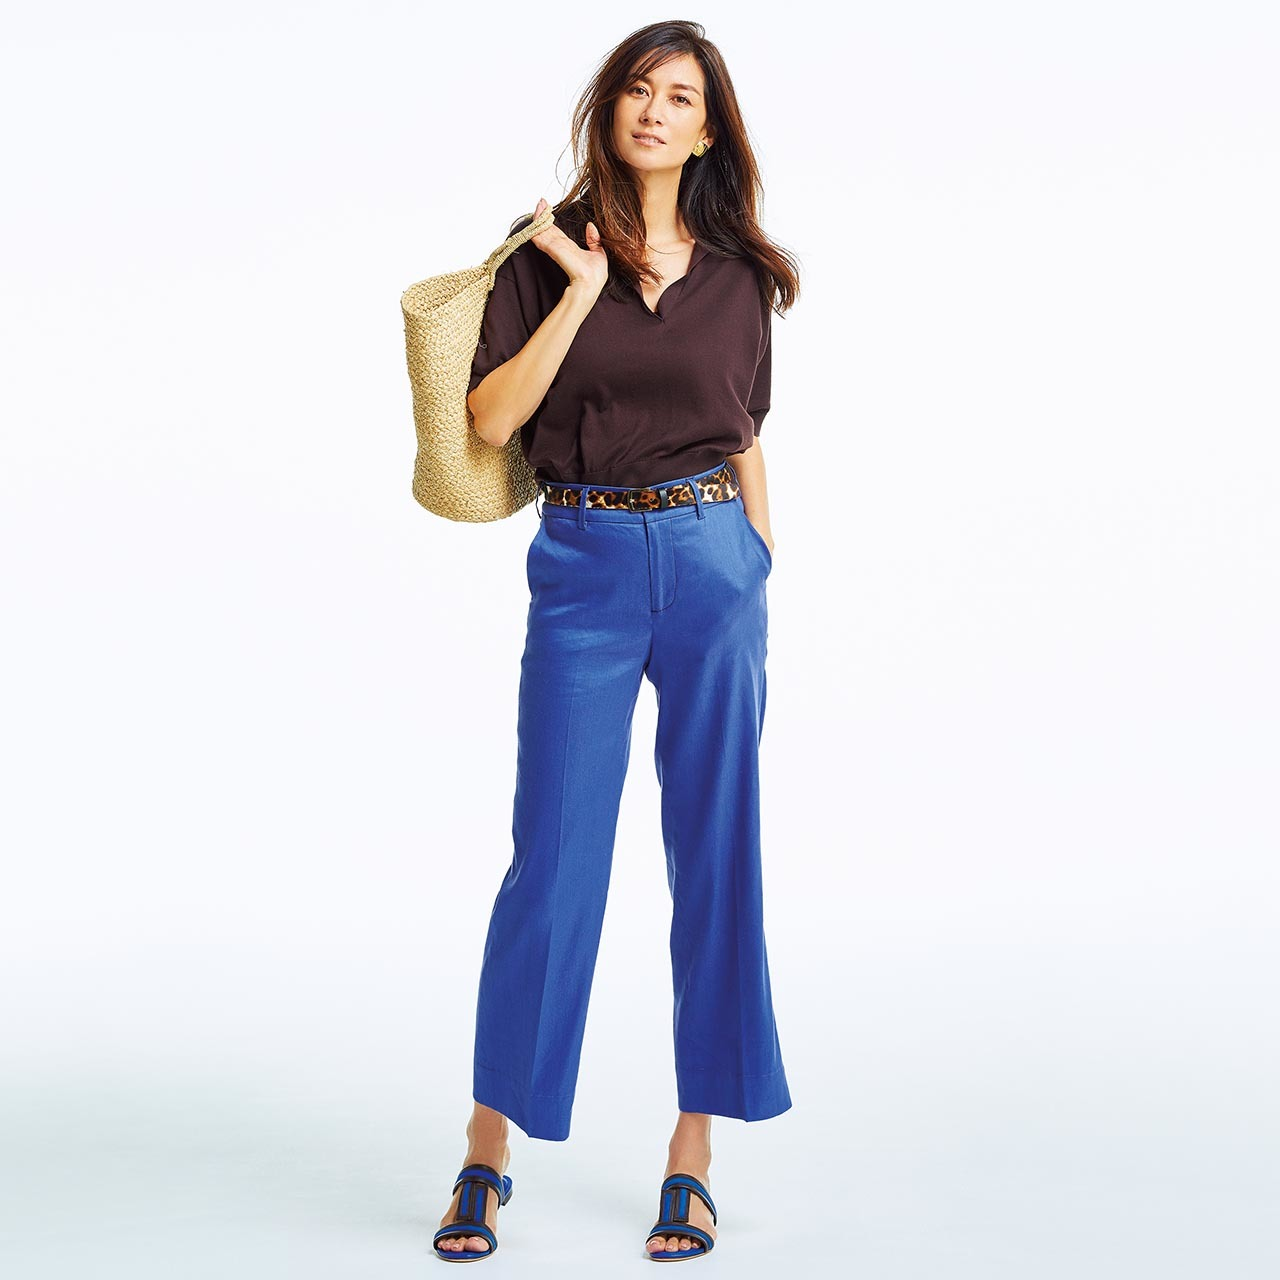 ブラウンのニット×ブルーのパンツコーデを着用したもモデルのブレンダ